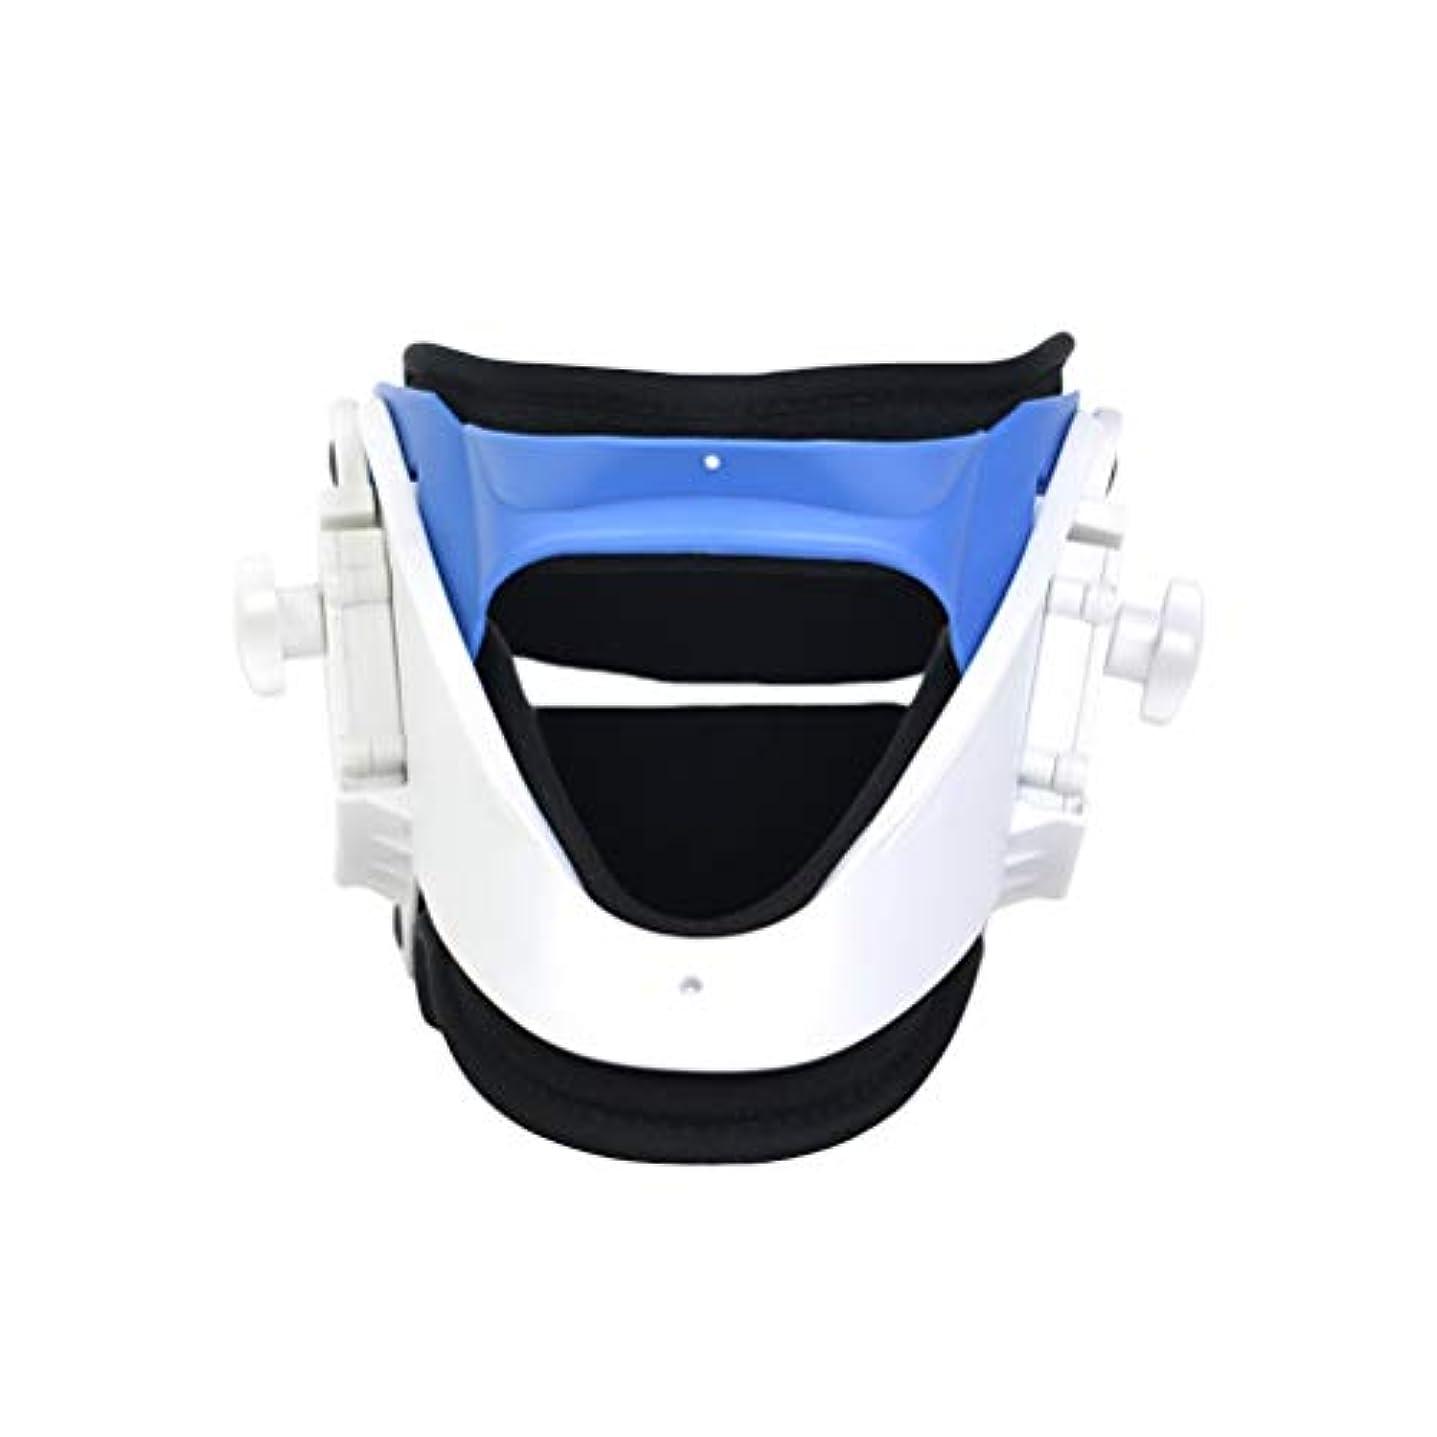 完全に乾く宝石側面Healifty堅い首の苦痛救助の傷害回復のための通気性の首サポート支柱調節可能な頚部つば